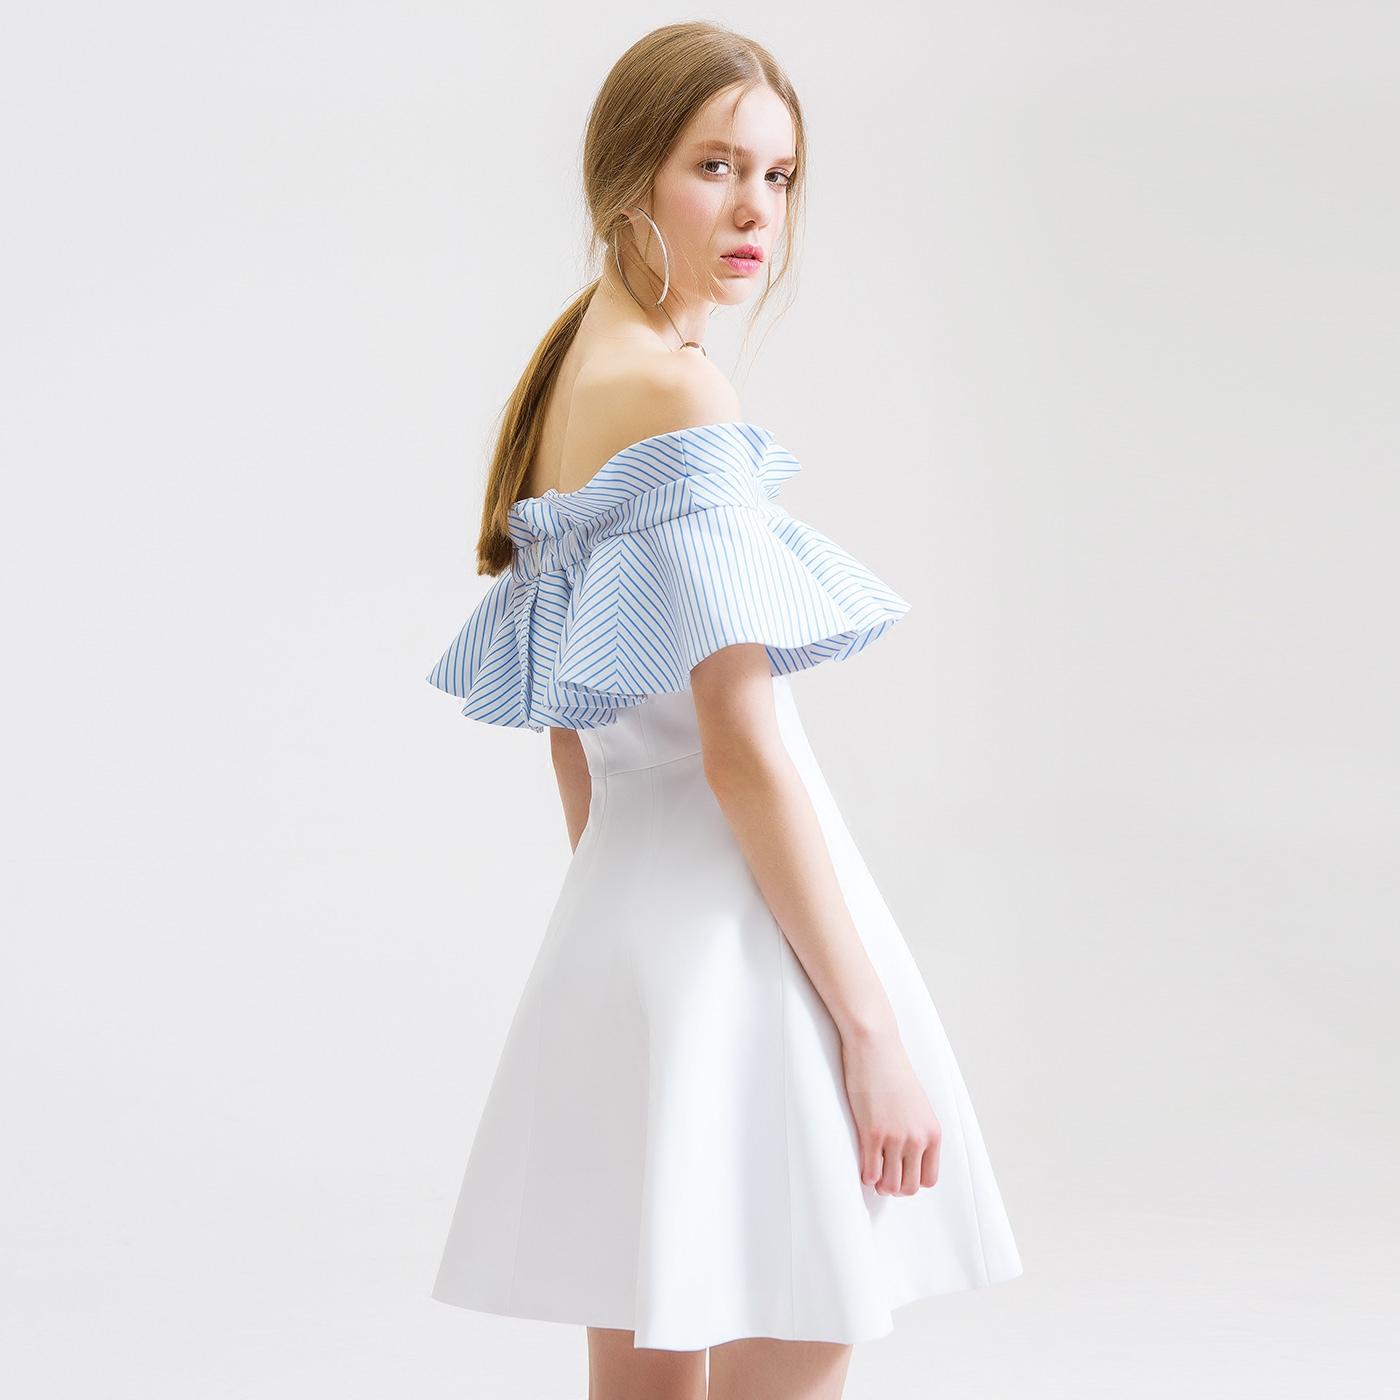 糖力夏装欧美女装荷叶边一字领露肩连衣裙修身显瘦透气清凉小礼服